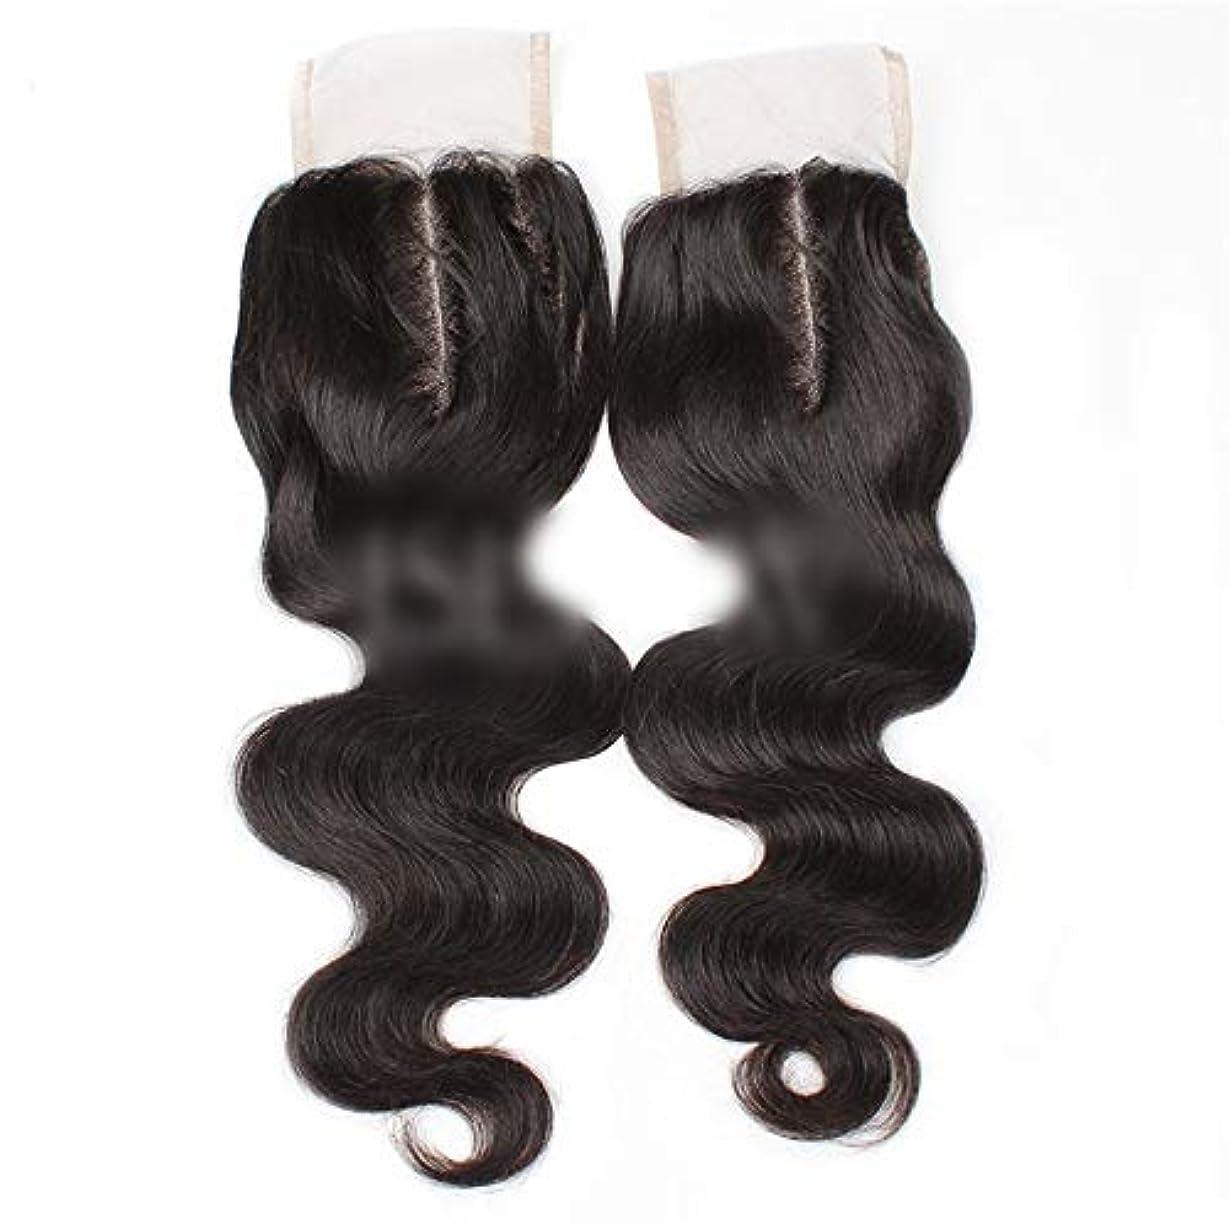 彼らの物理縁石HOHYLLYA 9aブラジル髪実体波中間部4×4レース閉鎖人間の髪の毛ナチュラルブラック8